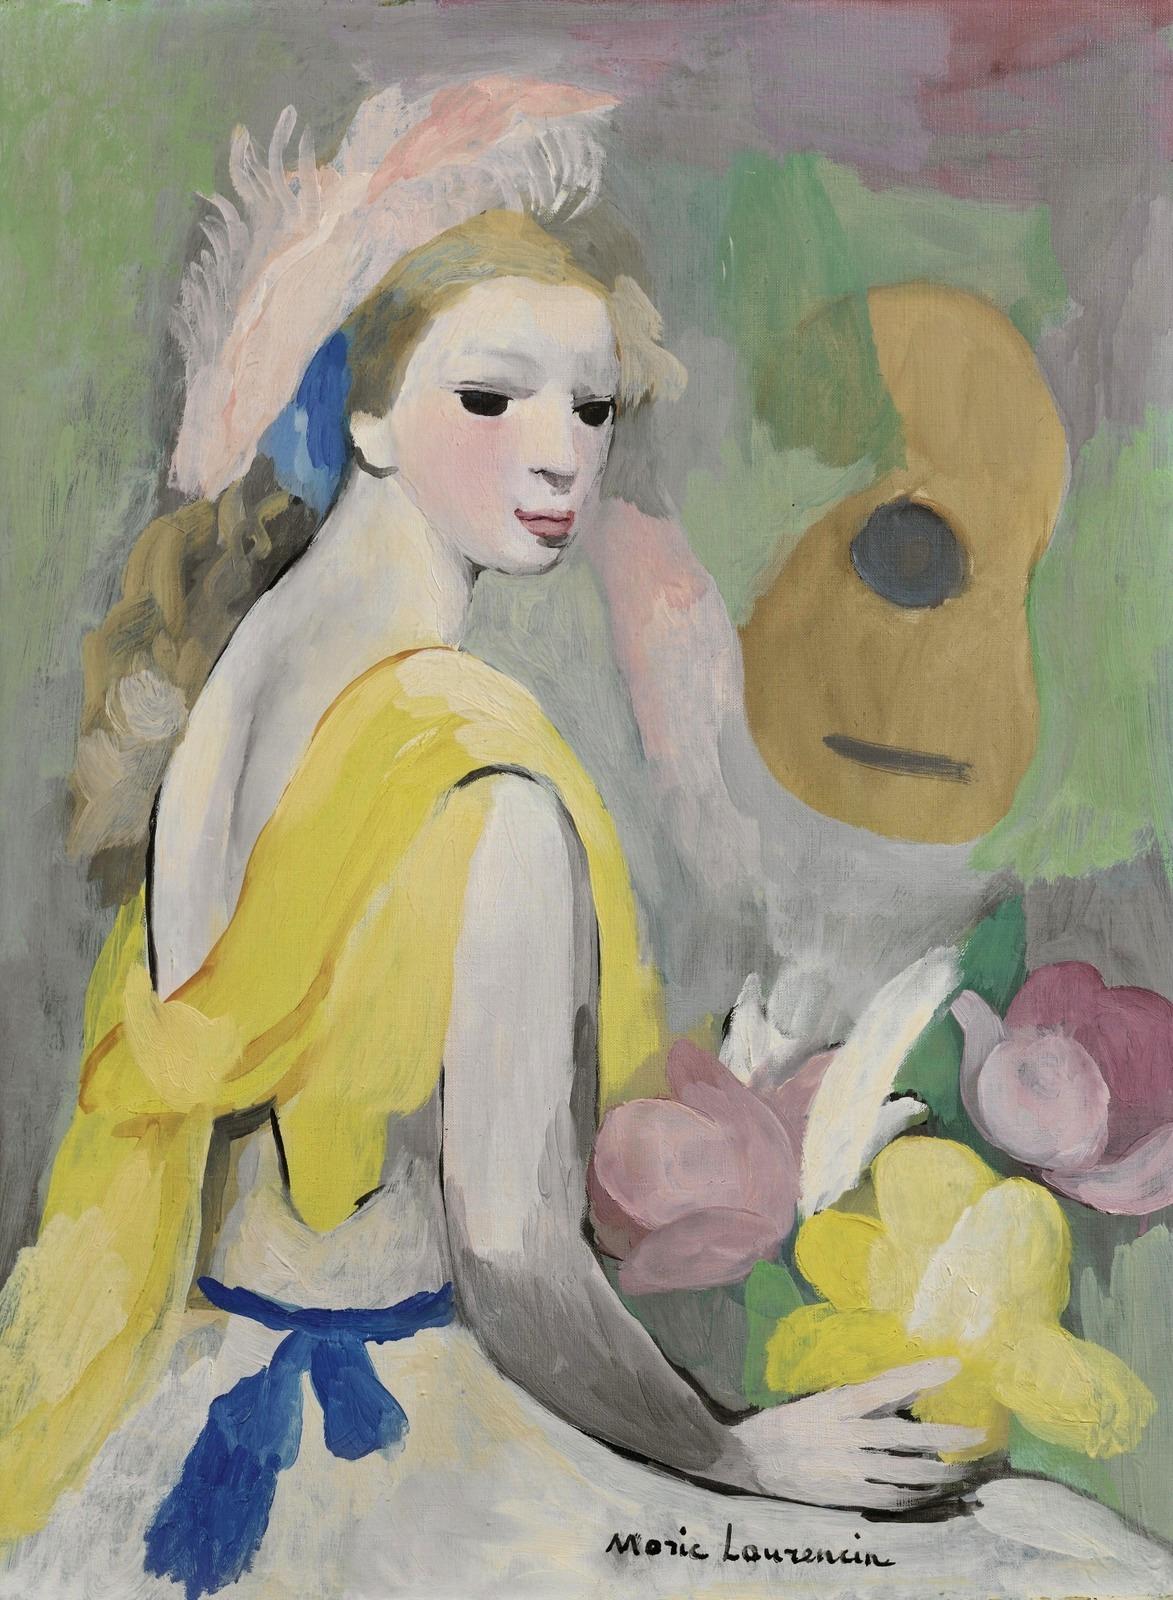 1_Женщина с гитарой и цветами (Femme a la Guitare et aux Fleurs)_61.1 х 45.8_х.,м._Частное собрание.jpg